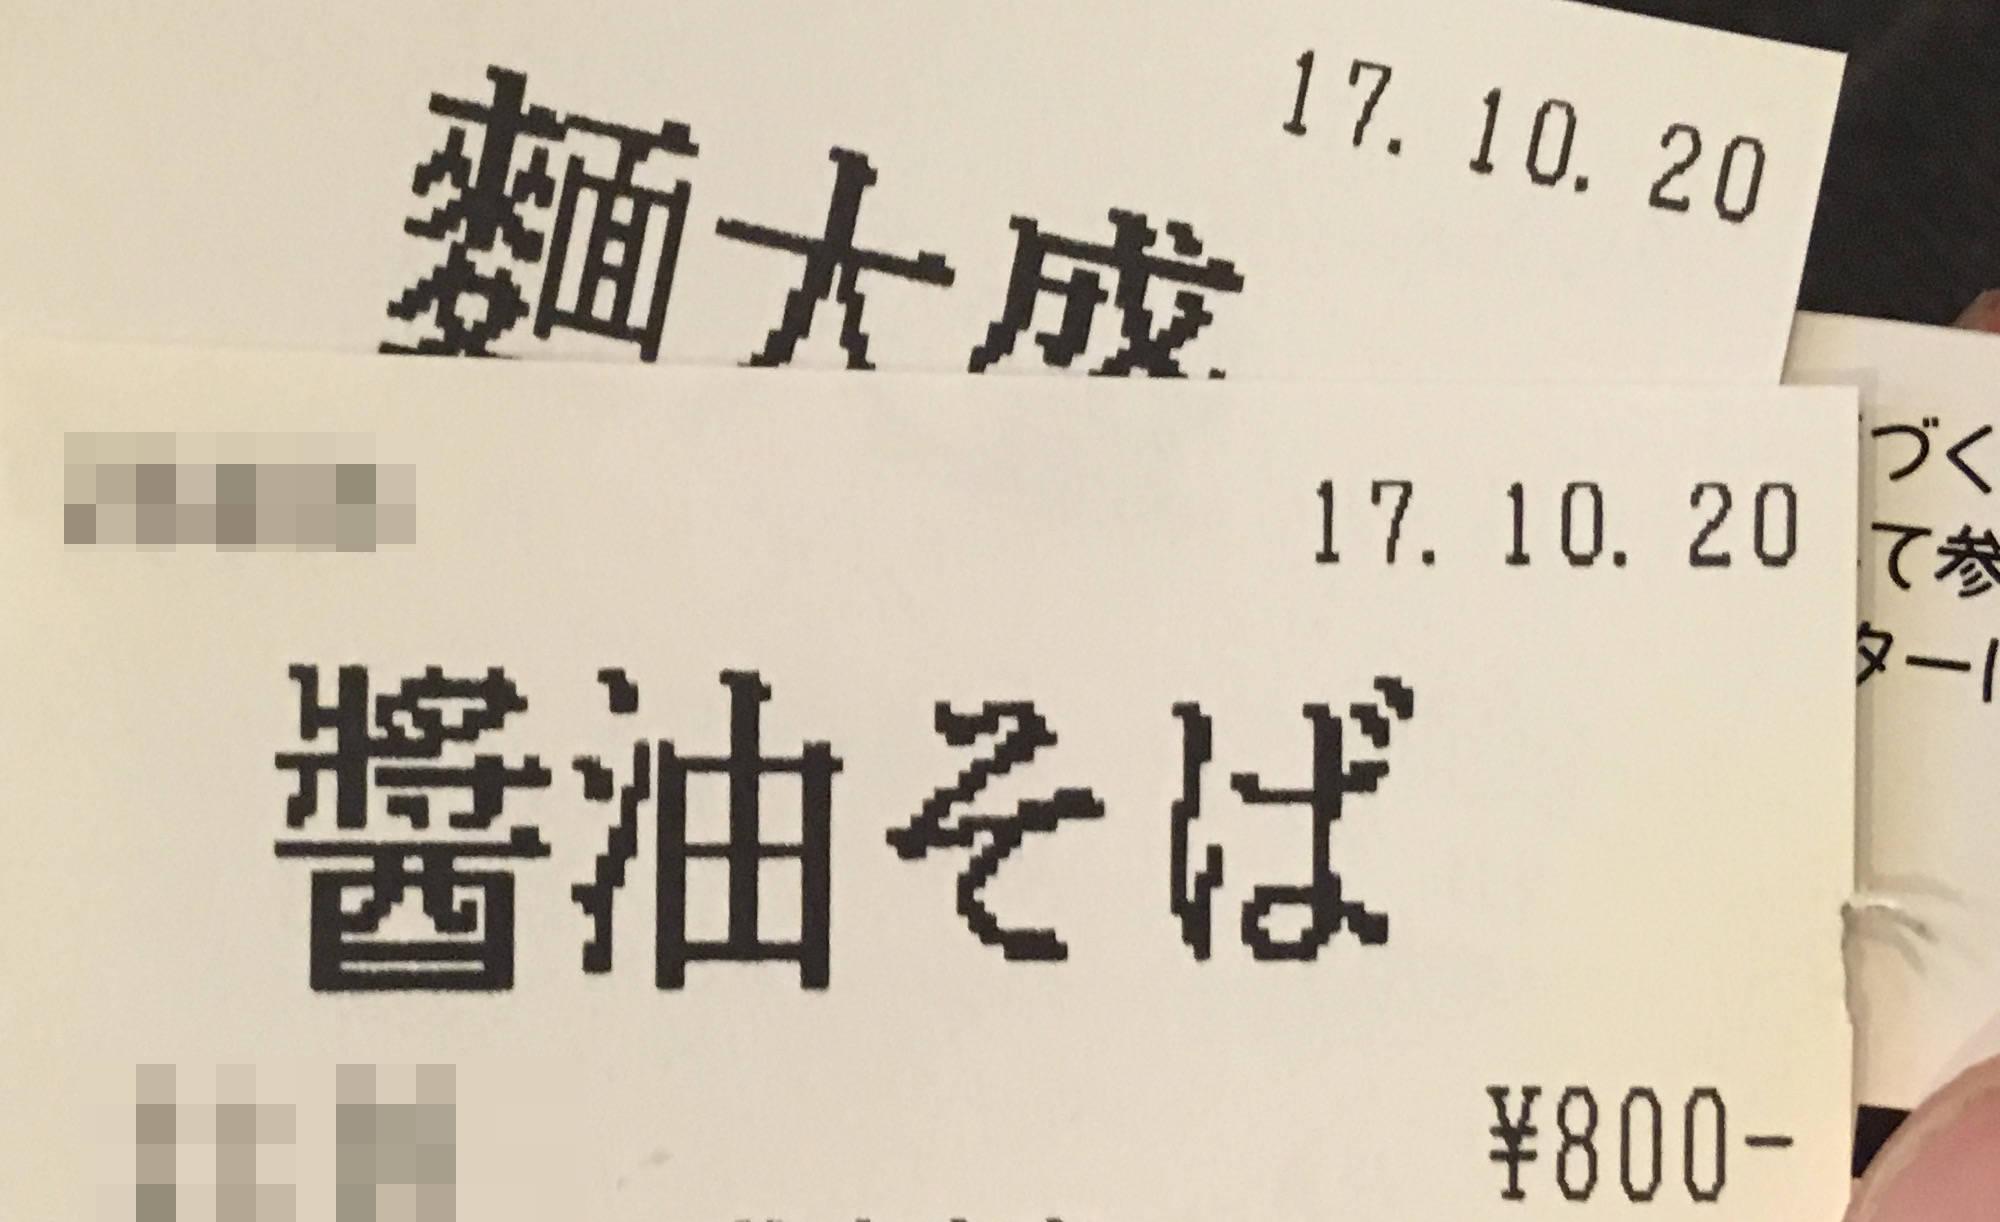 醤油そば800円 麺大盛り100円の食券竹末東京プレミアム